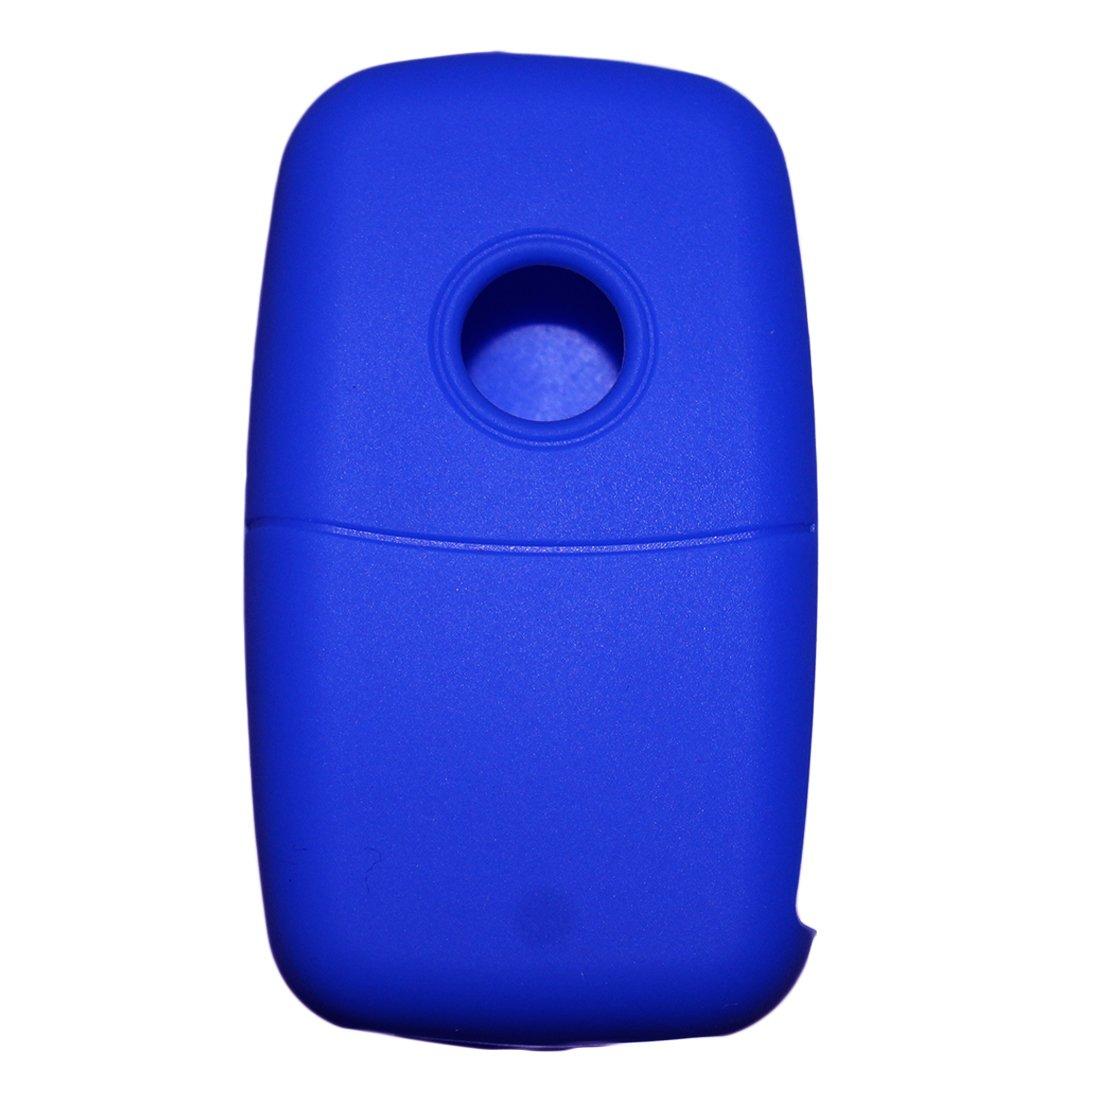 Muchkey Silicone Cl/é De Voiture Cas Cl/é De Voiture Housse De Protection Fit Pour 3 Bouton T/él/écommande Cl/é Avec Bleu Silicone Housse De Protection